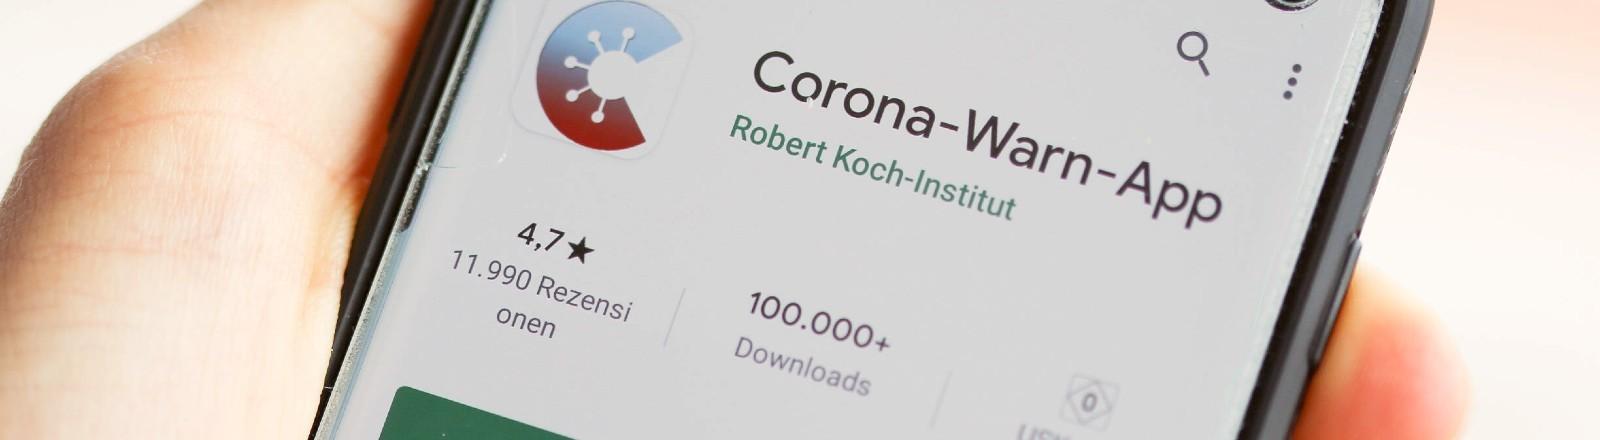 Die neue Corona-Warn-App auf dem Smartphone